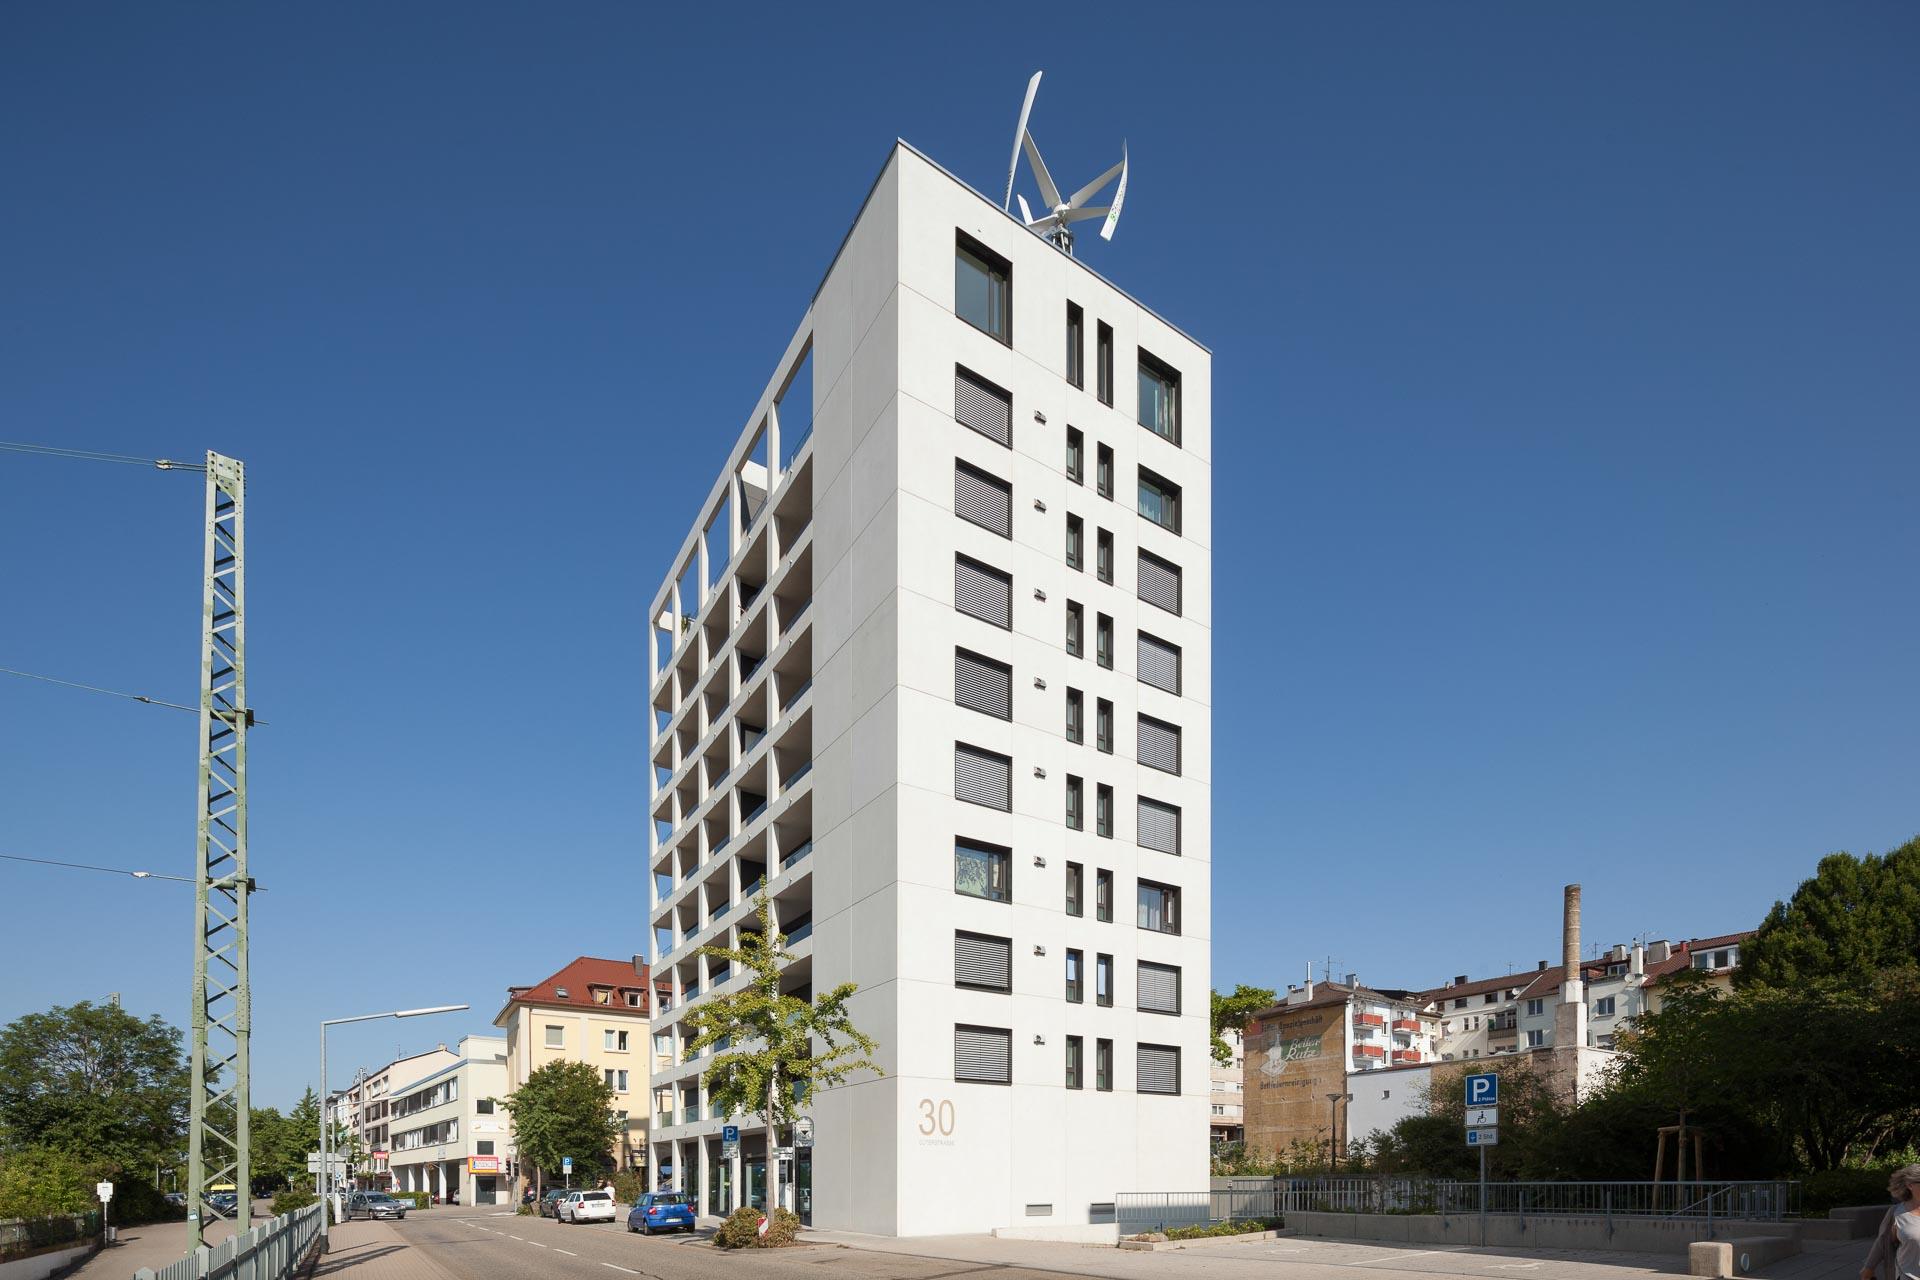 Sanierung Wohnhochaus Pforzheim Freivogel Mayer Architekten